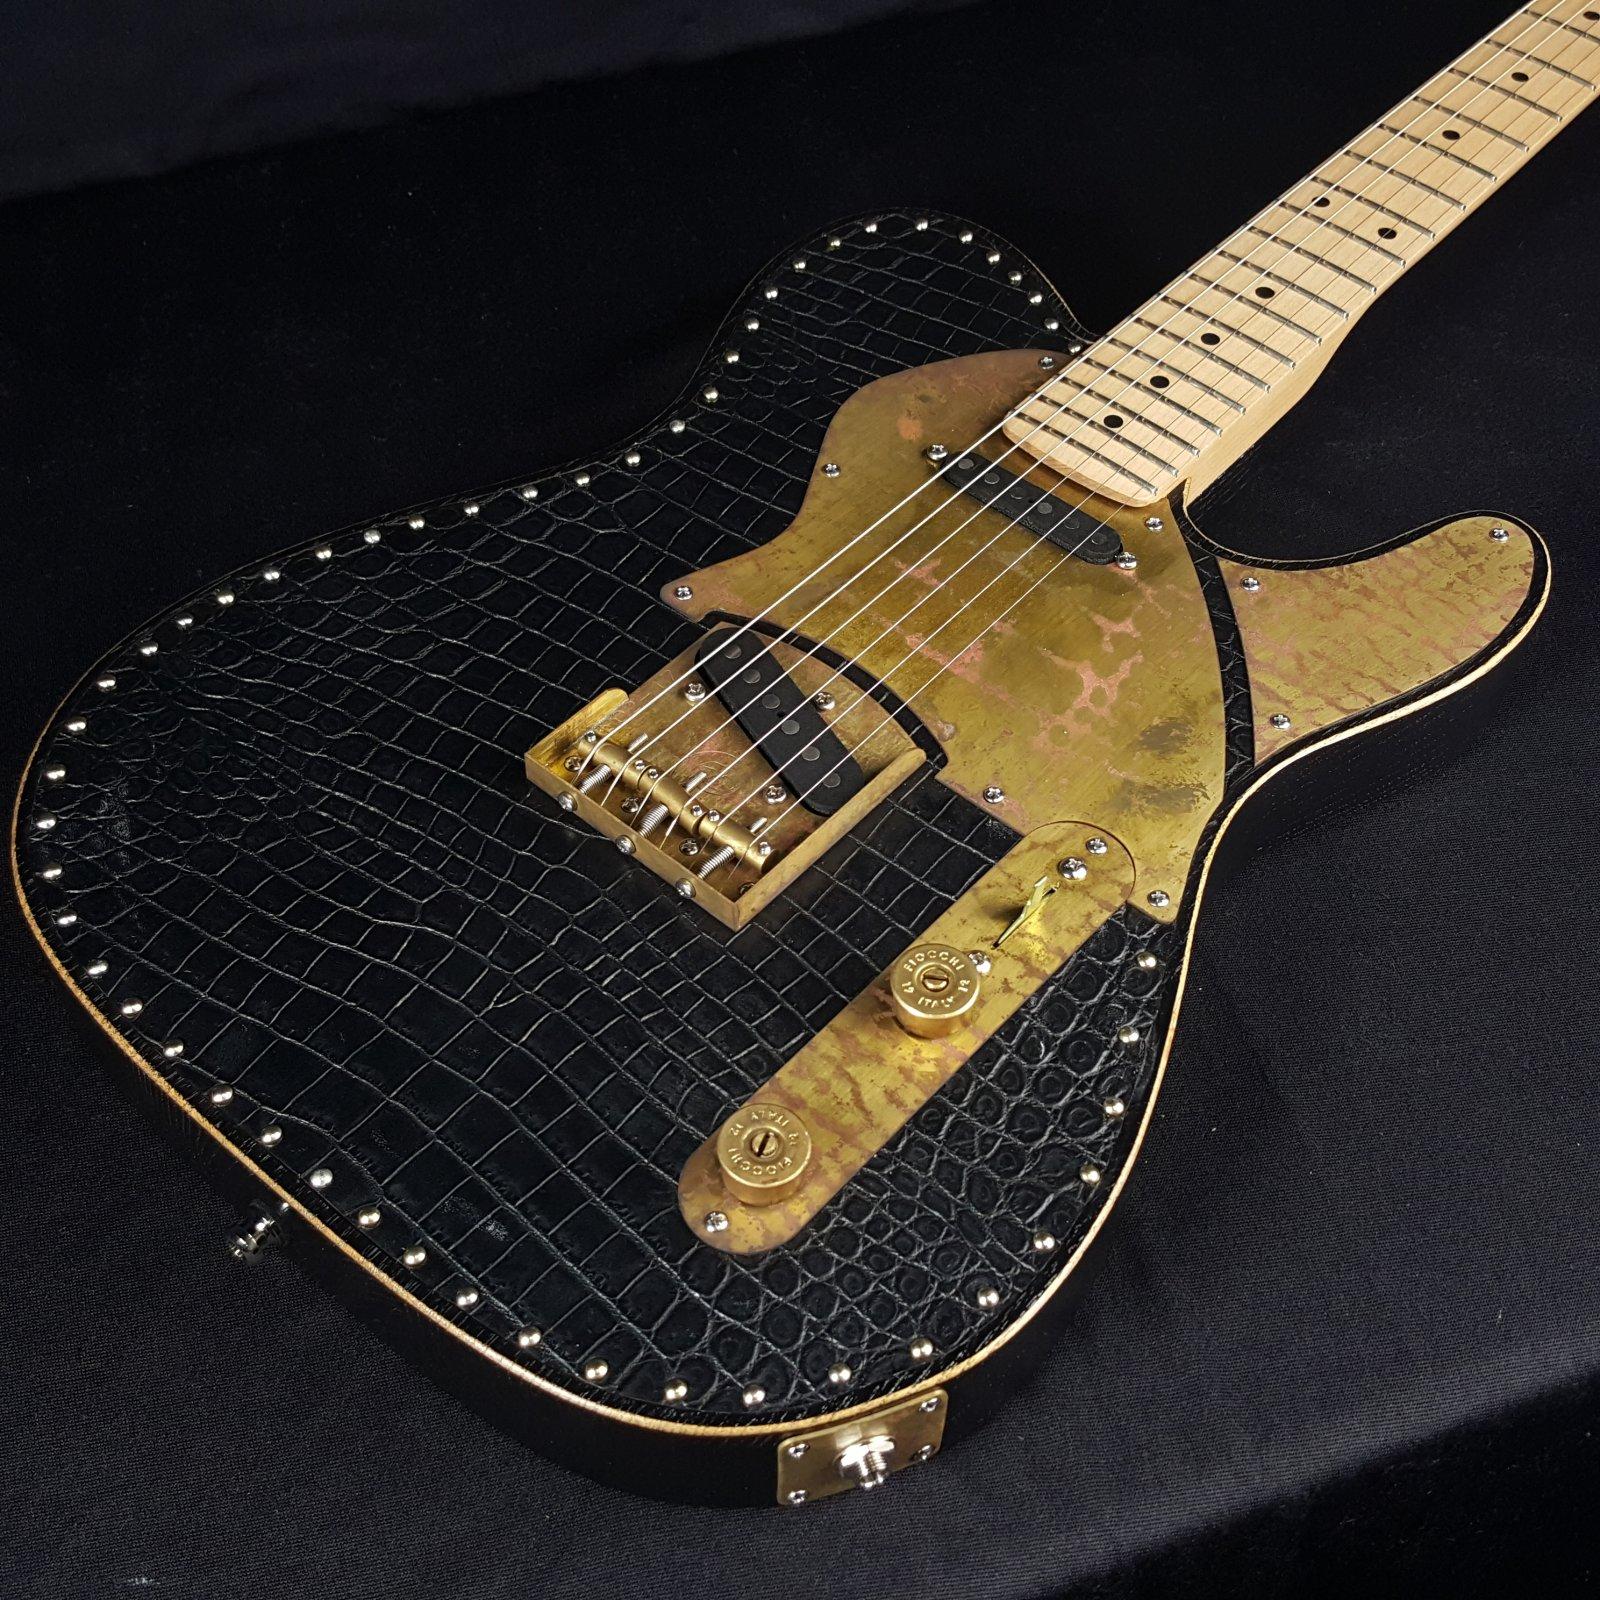 Paoletti Nancy Leather Top Birdseye SS Black w/ Paoletti HS Case